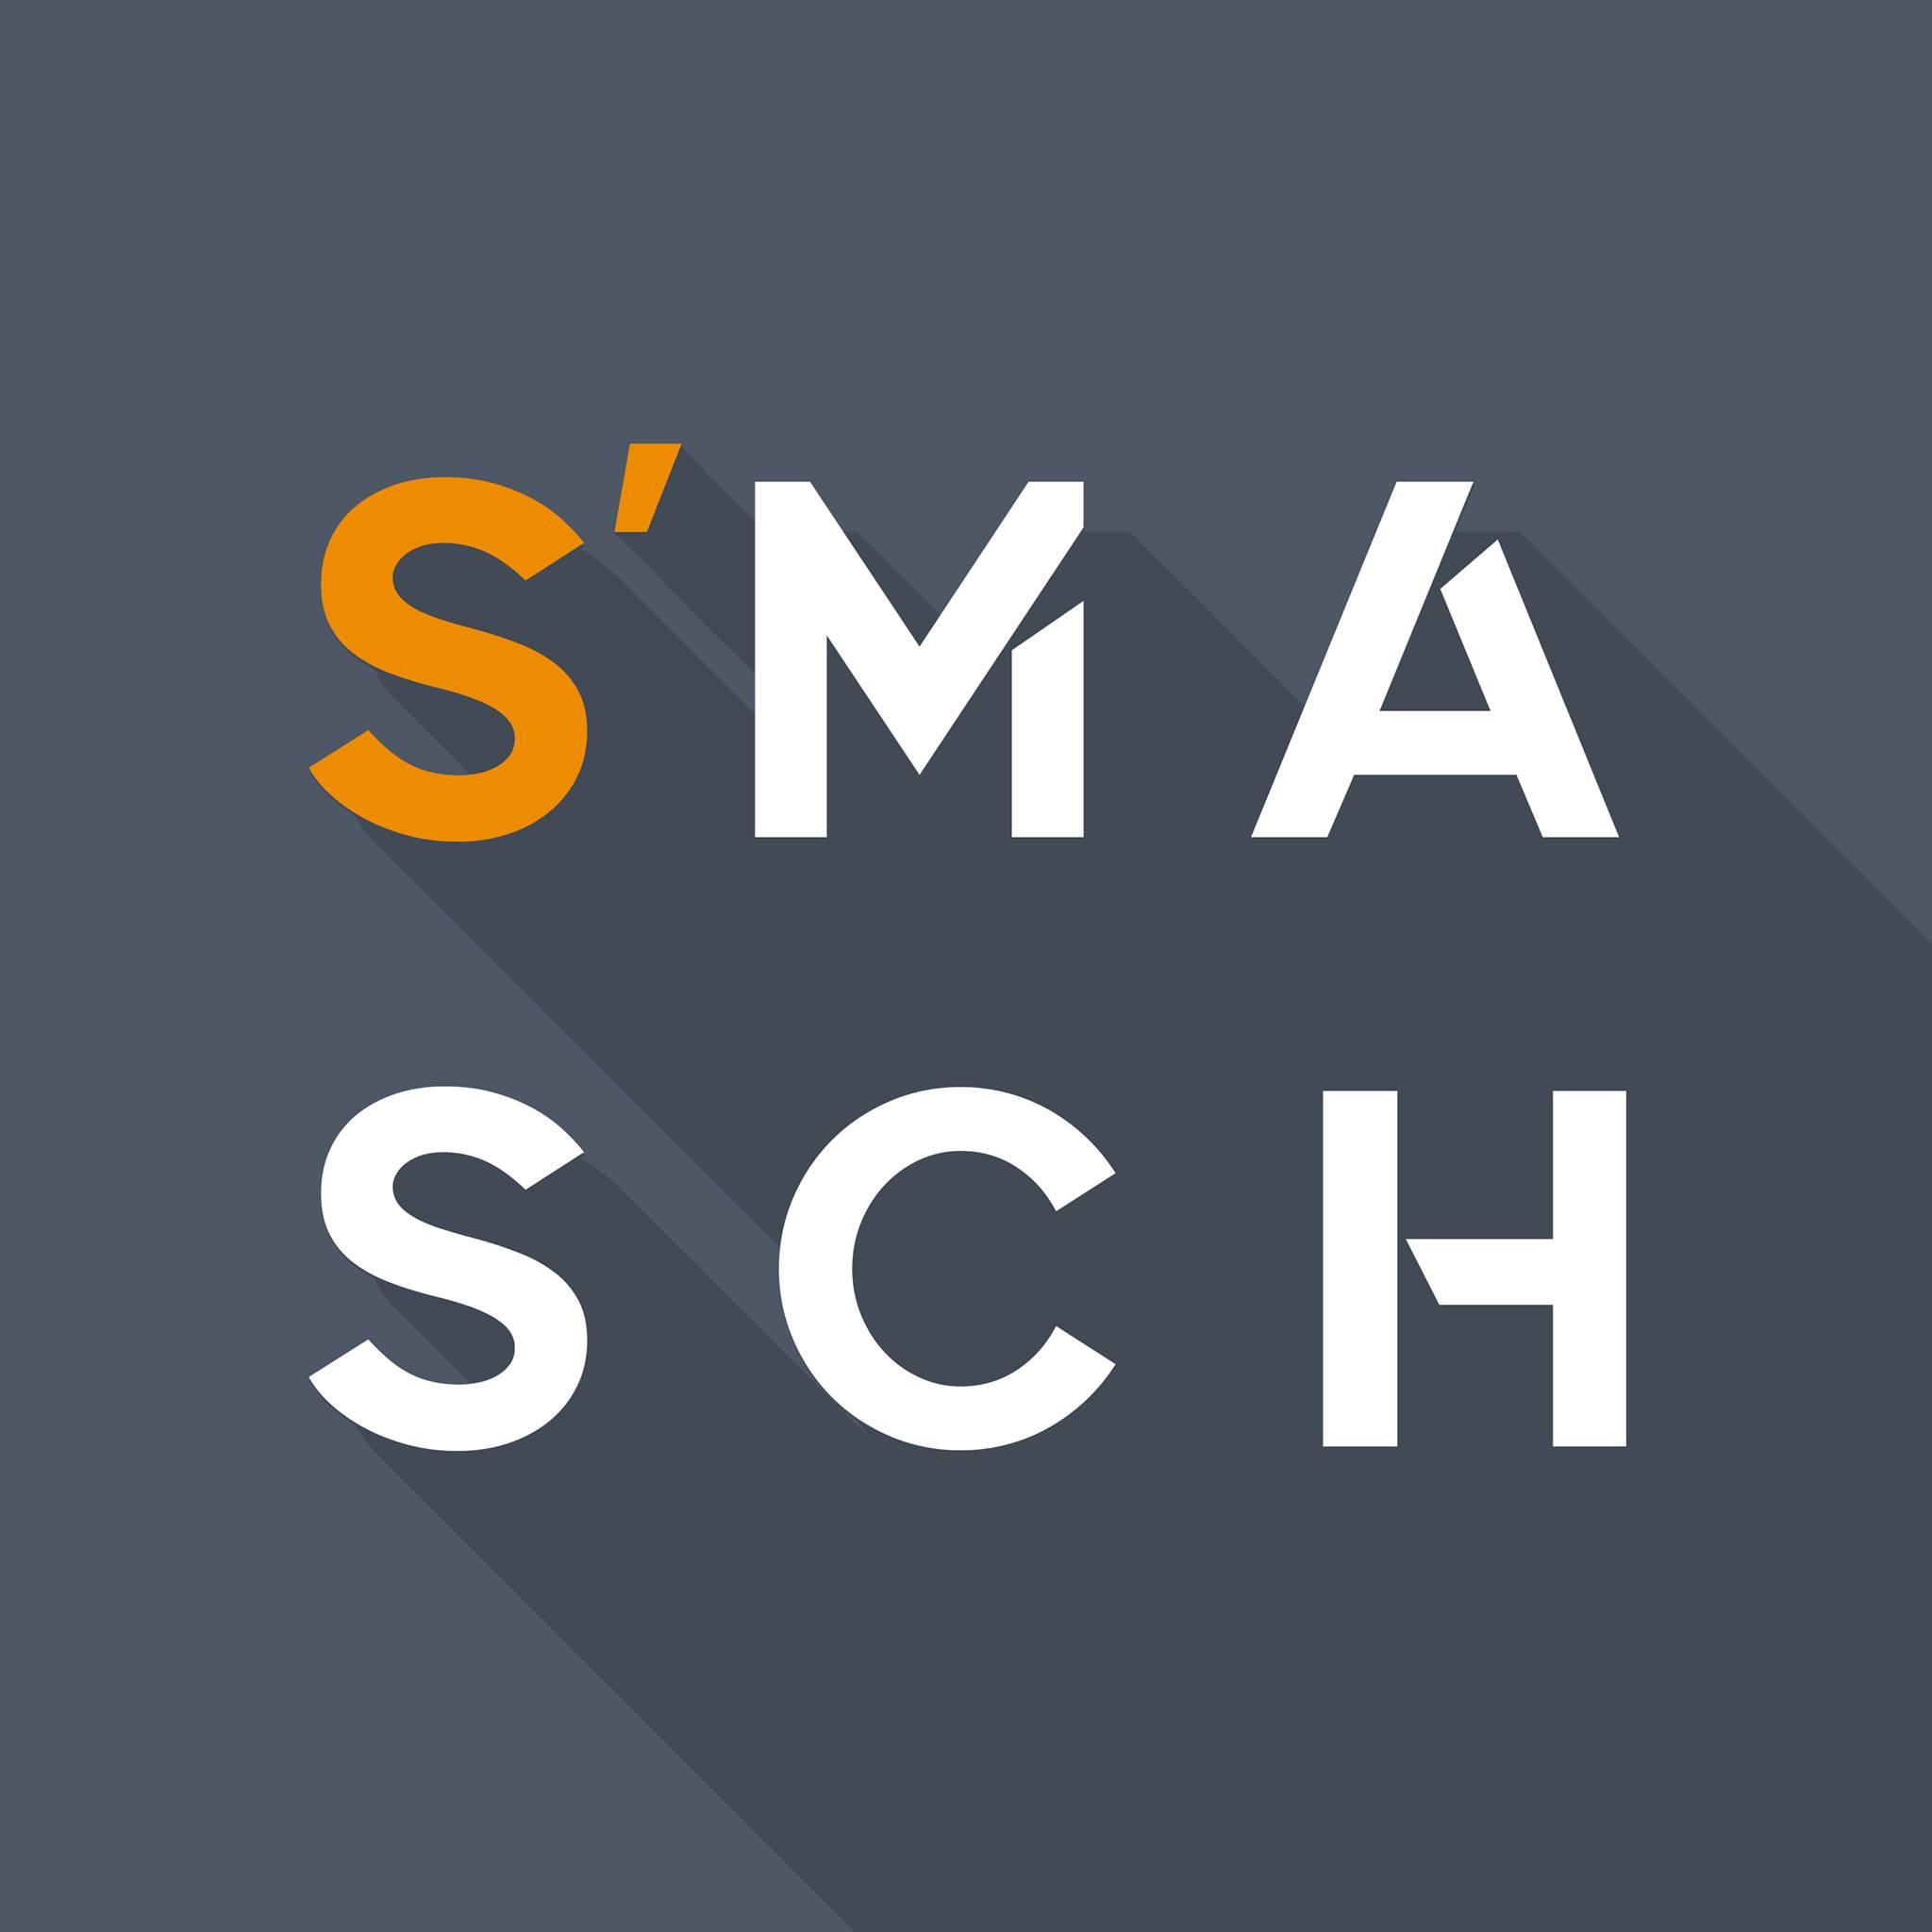 logo-smasch